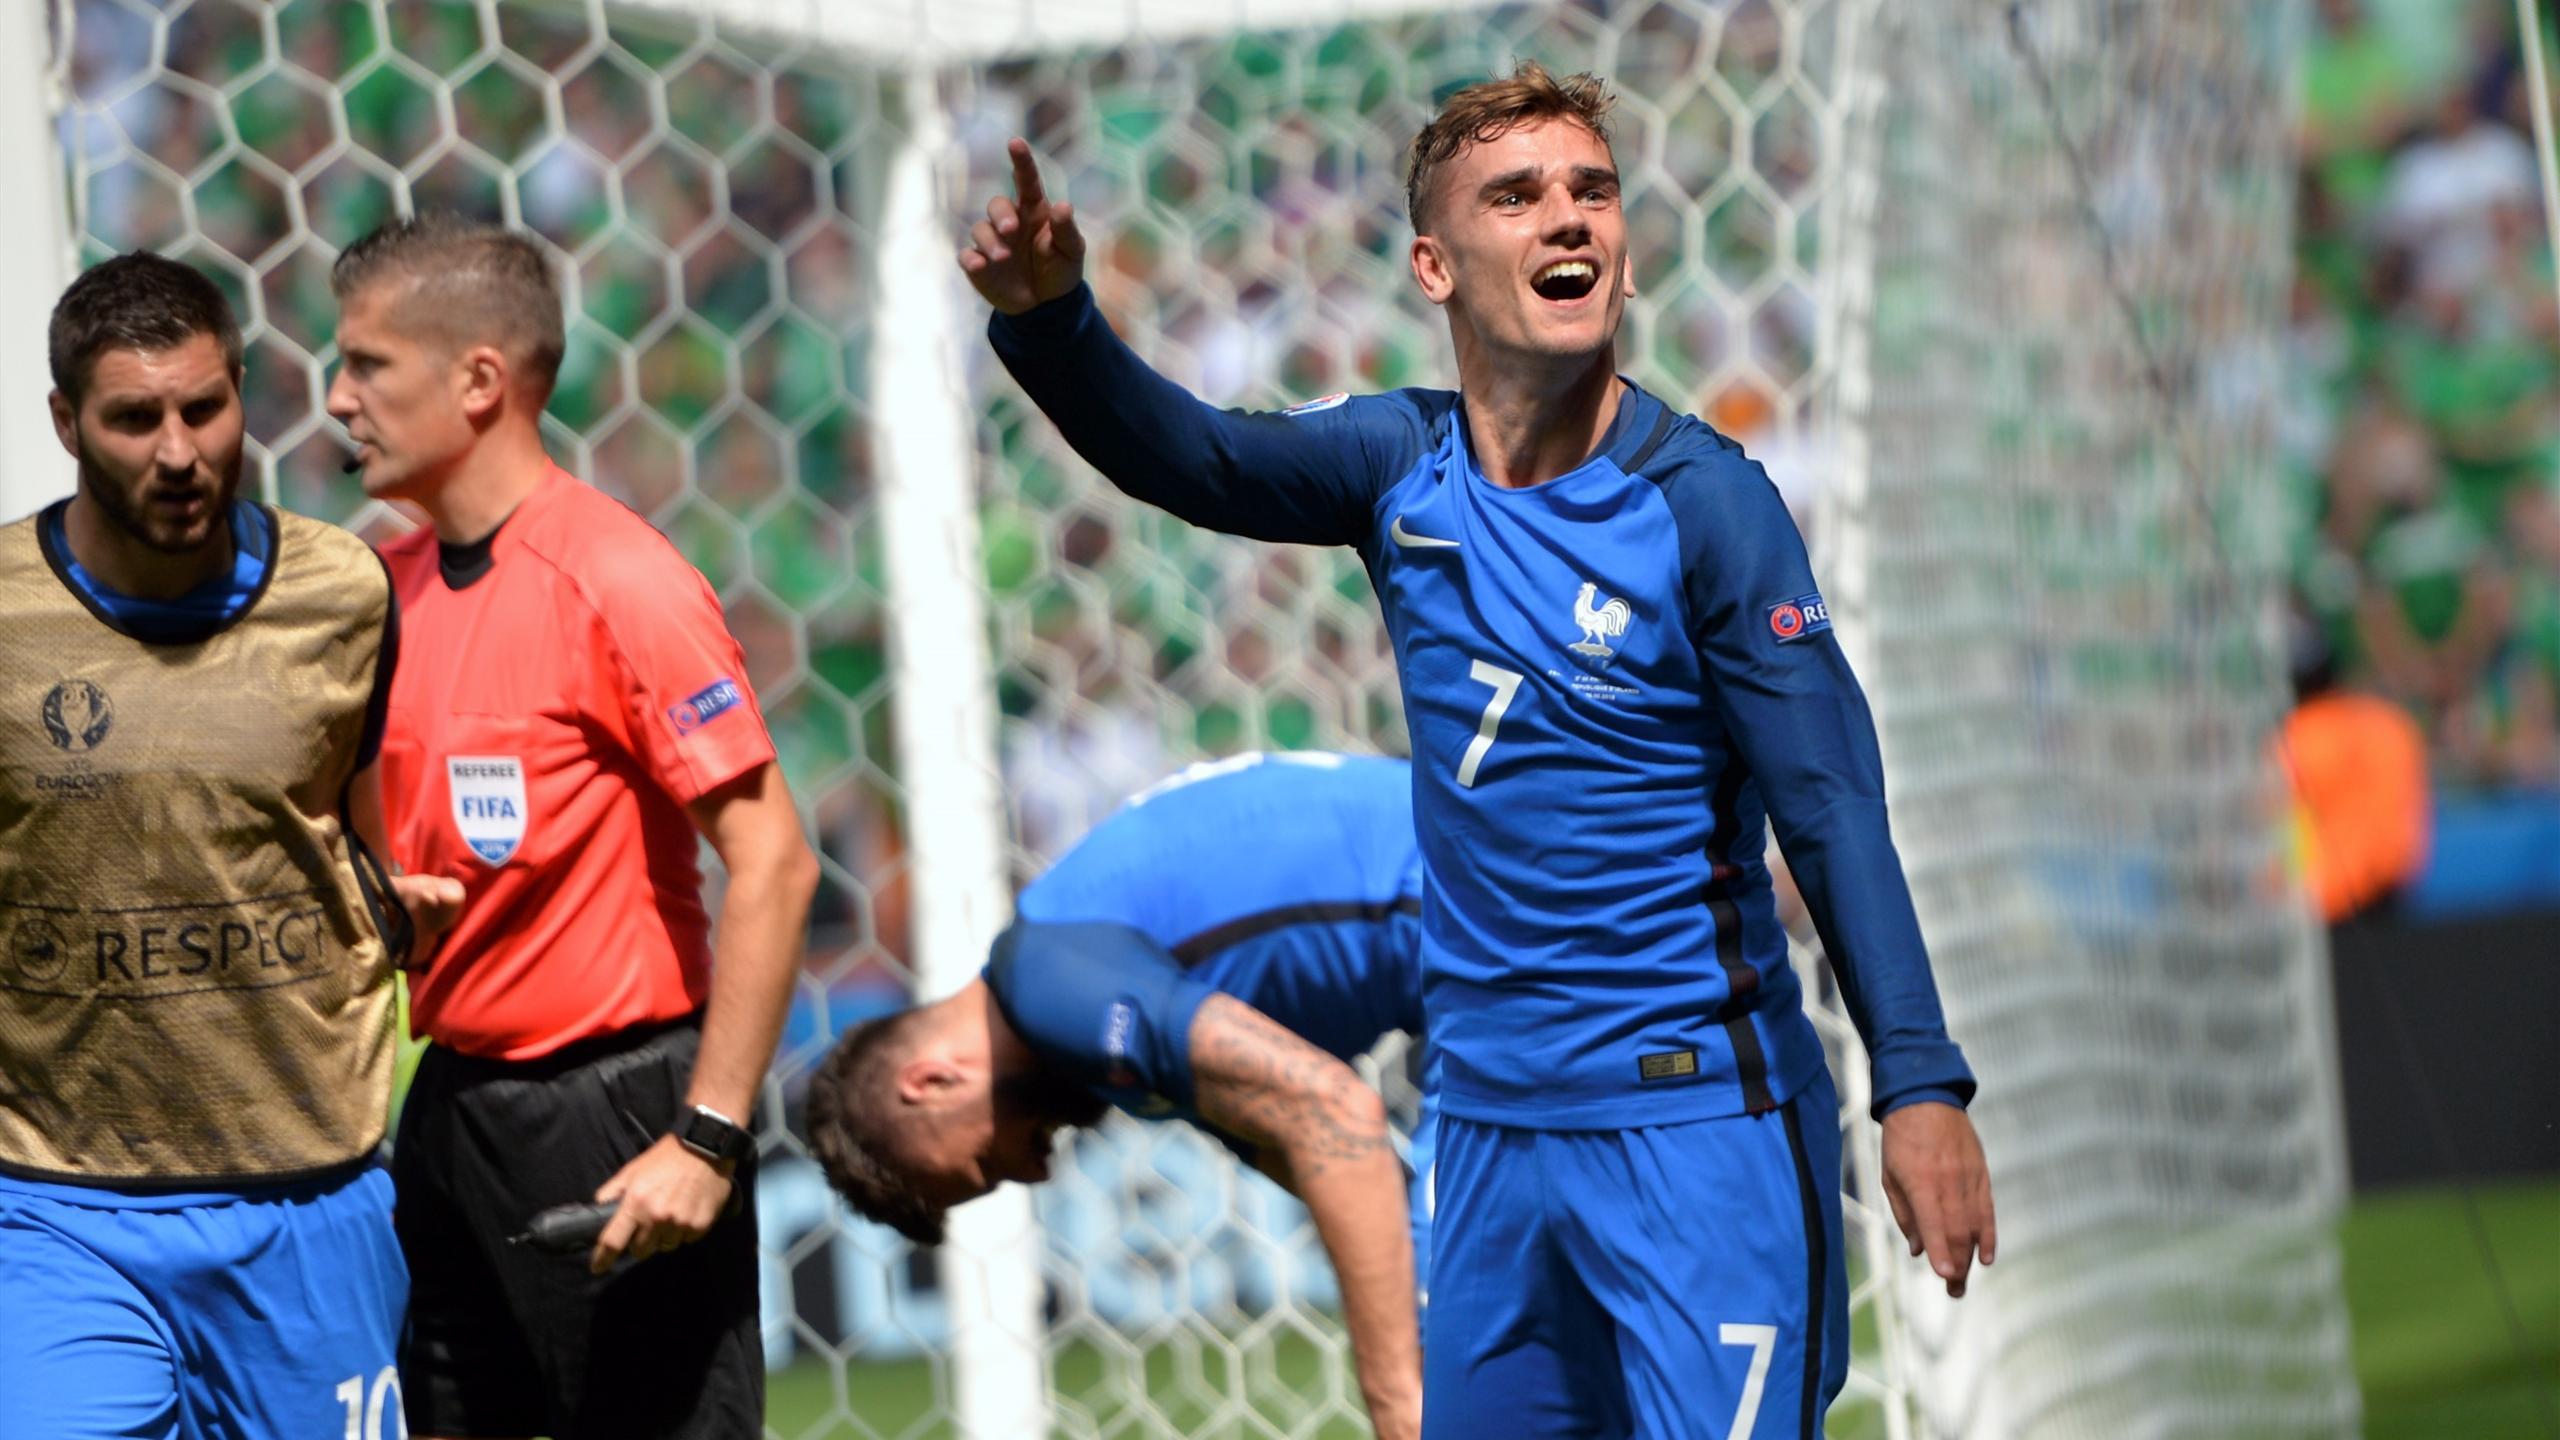 Antoine Griezmann (France), auteur d'un doublé face à l'Irlande lors de l'Euro 2016